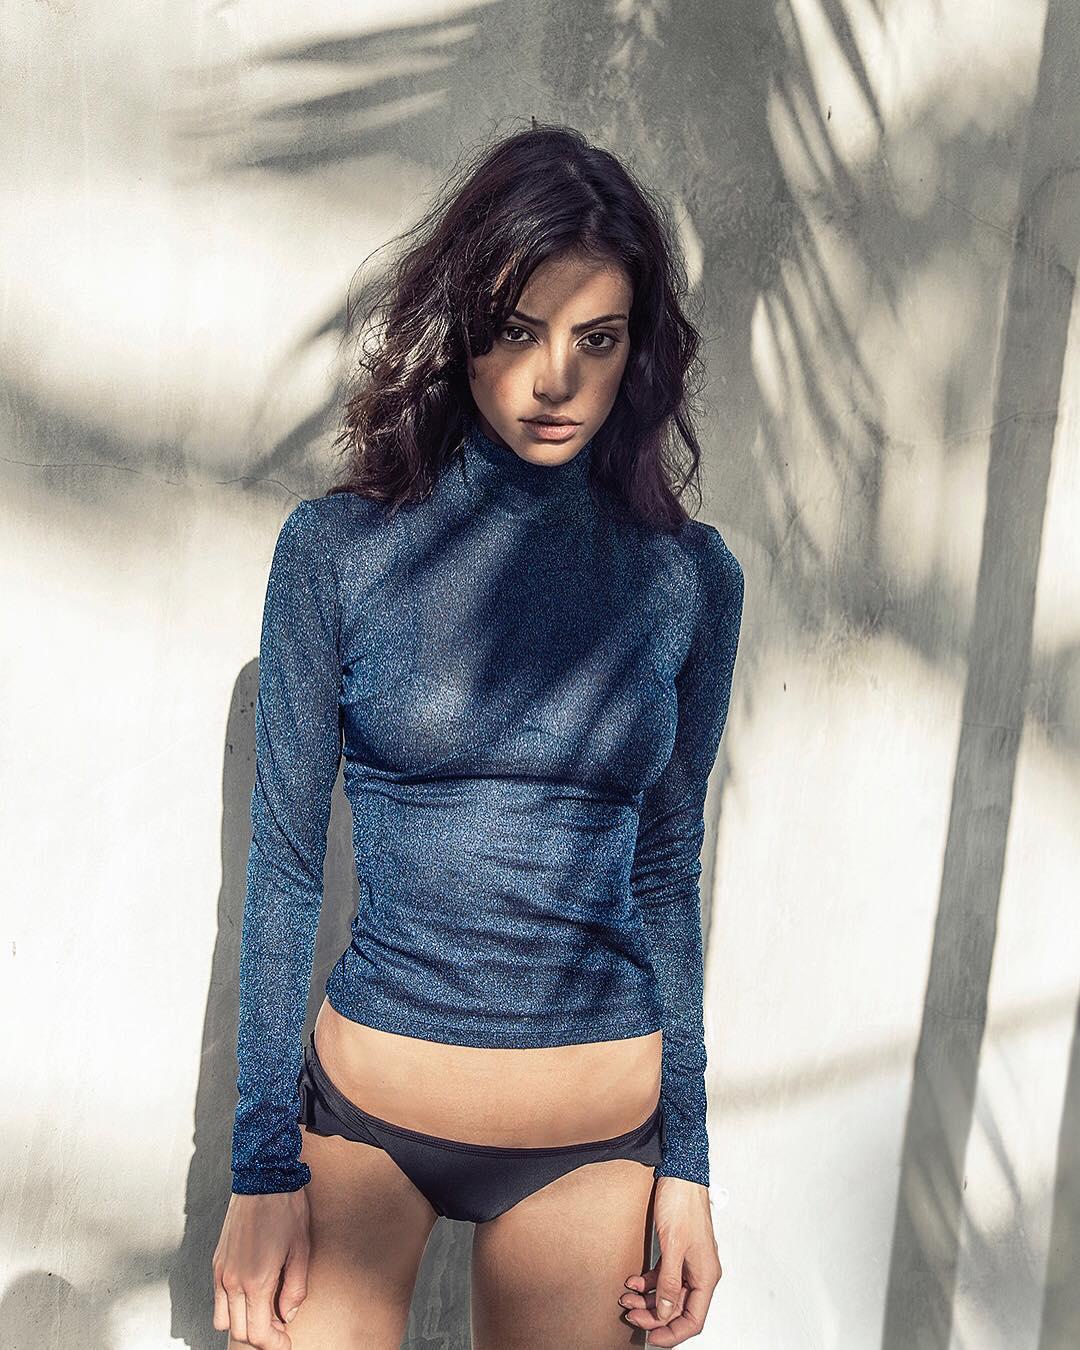 Mayra Suárez in a bikini